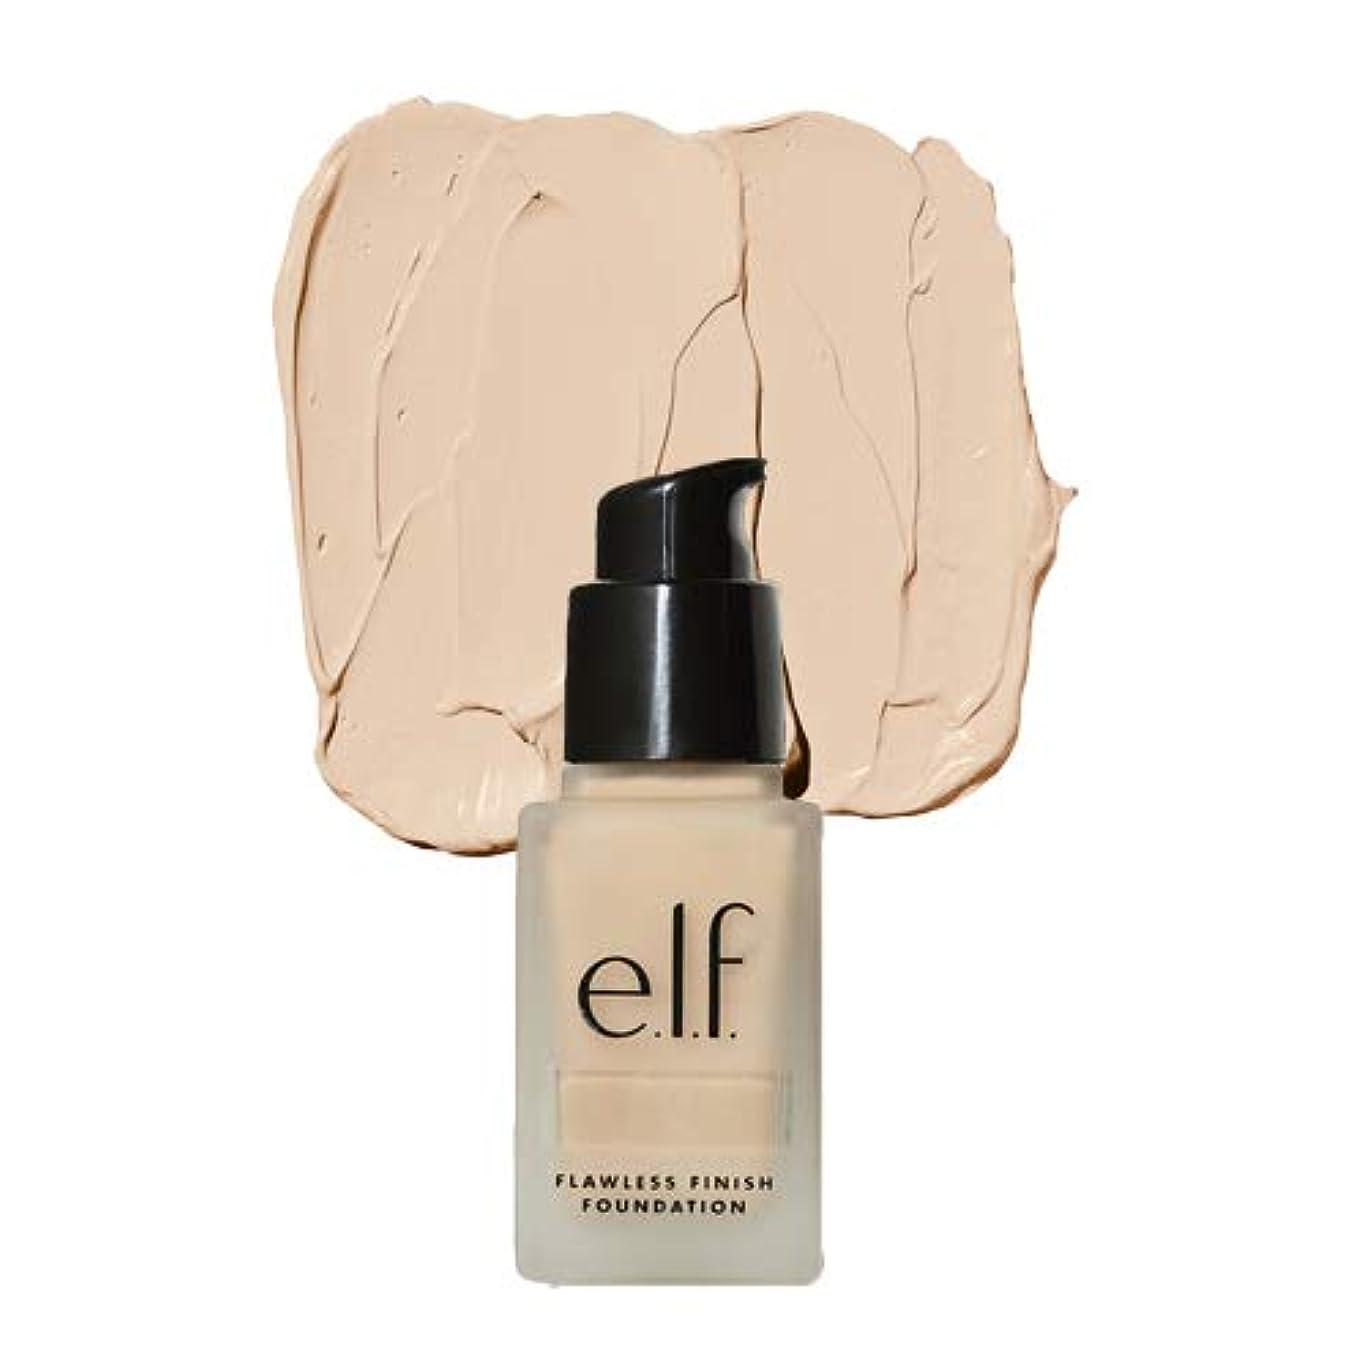 百万マンモスぶら下がる(3 Pack) e.l.f. Oil Free Flawless Finish Foundation - Beige (並行輸入品)